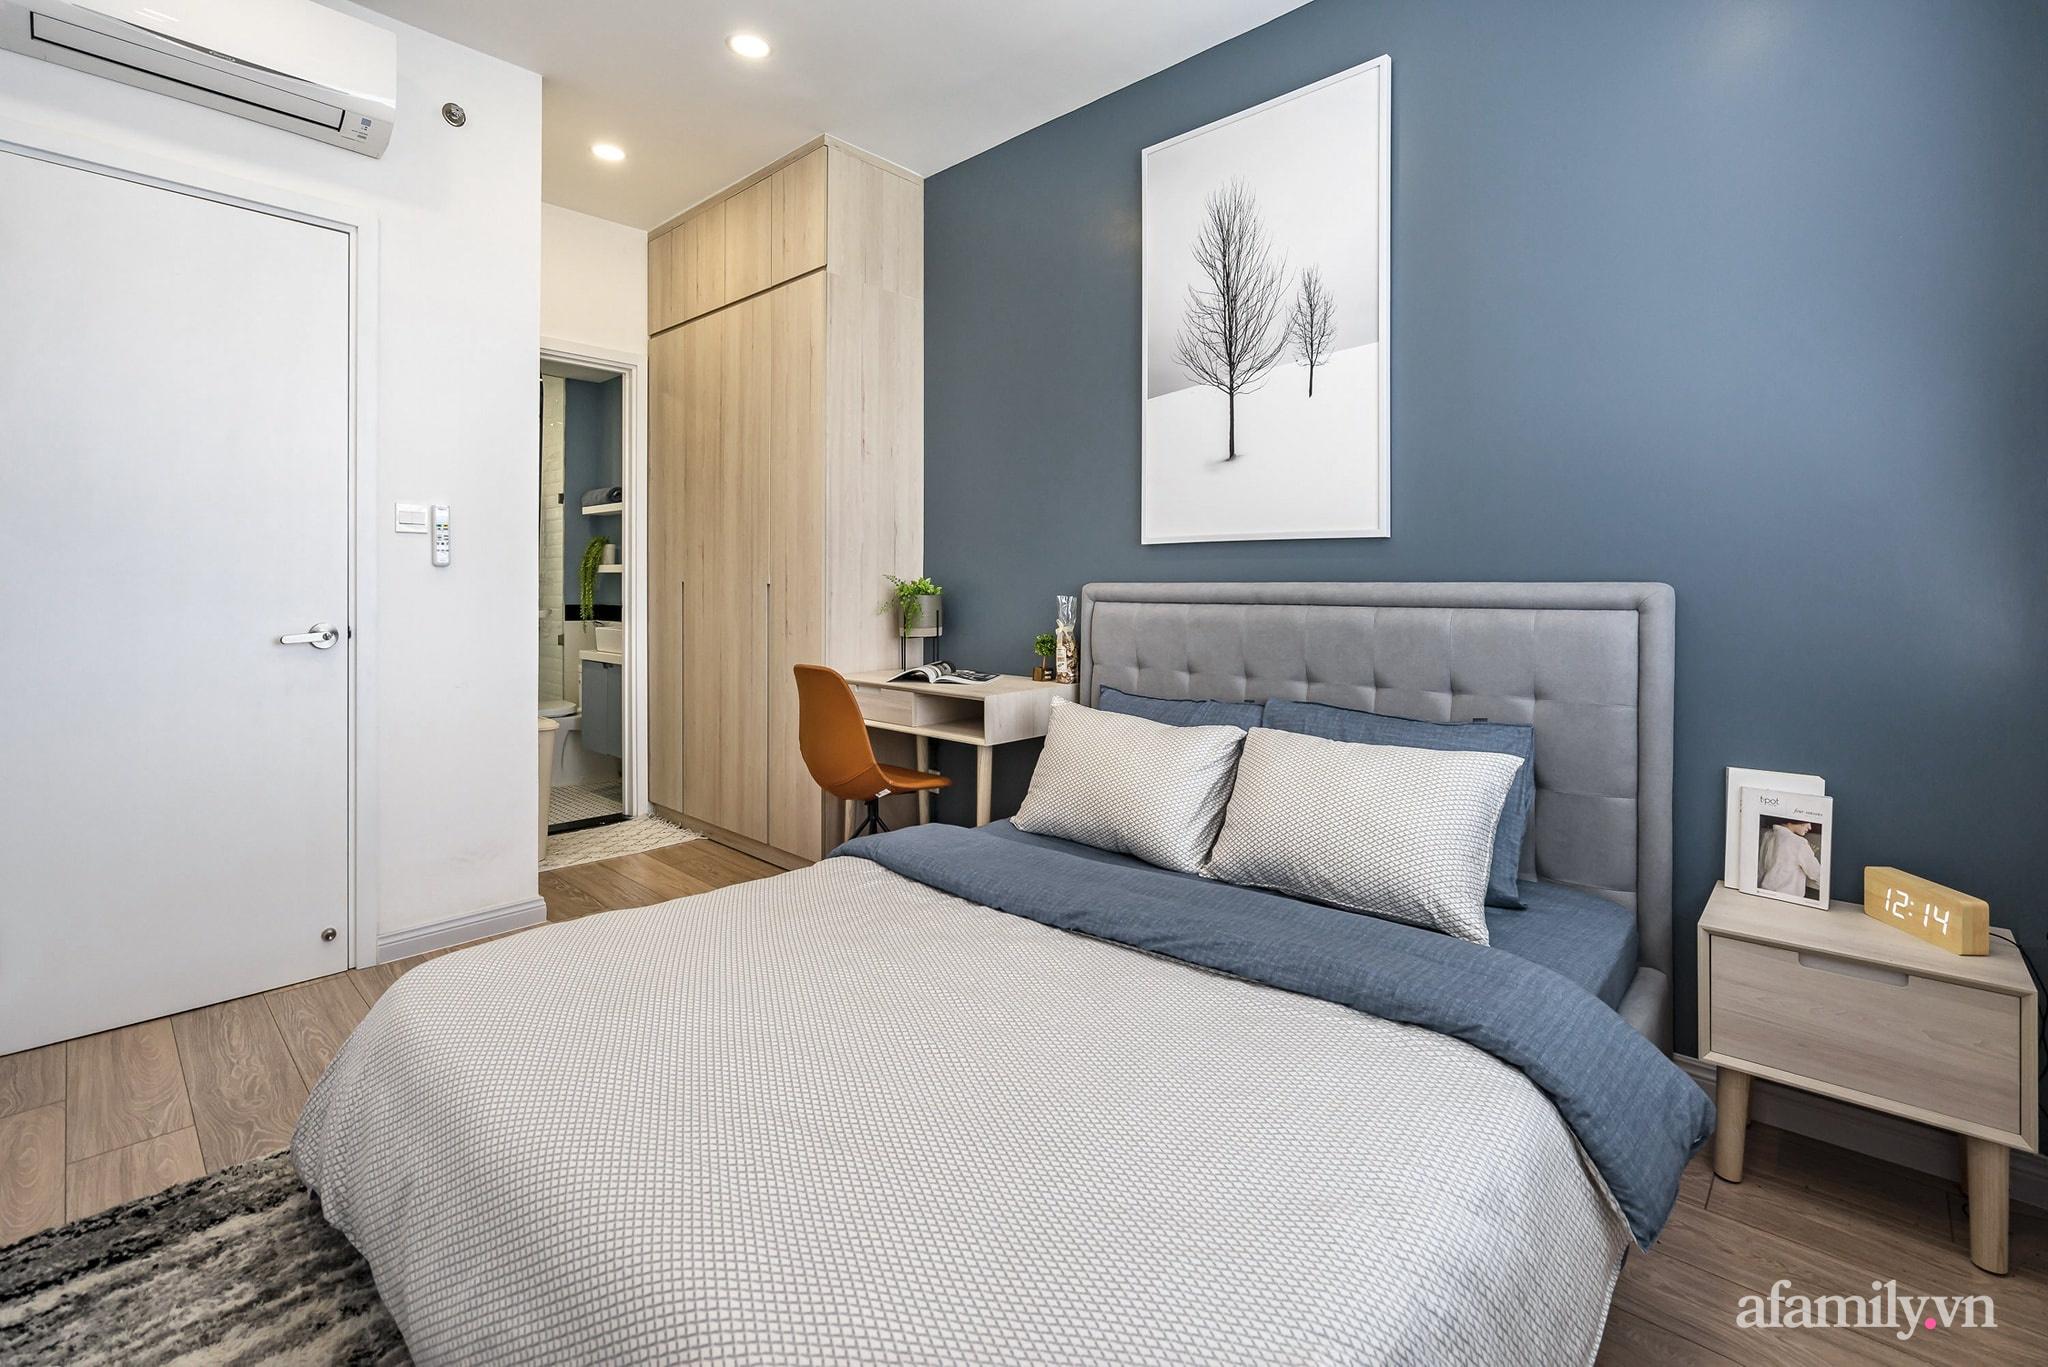 Căn hộ 65m² màu xanh yên bình của chàng trai quyết tâm mua nhà trước tuổi 30 ở Sài Gòn - Ảnh 16.